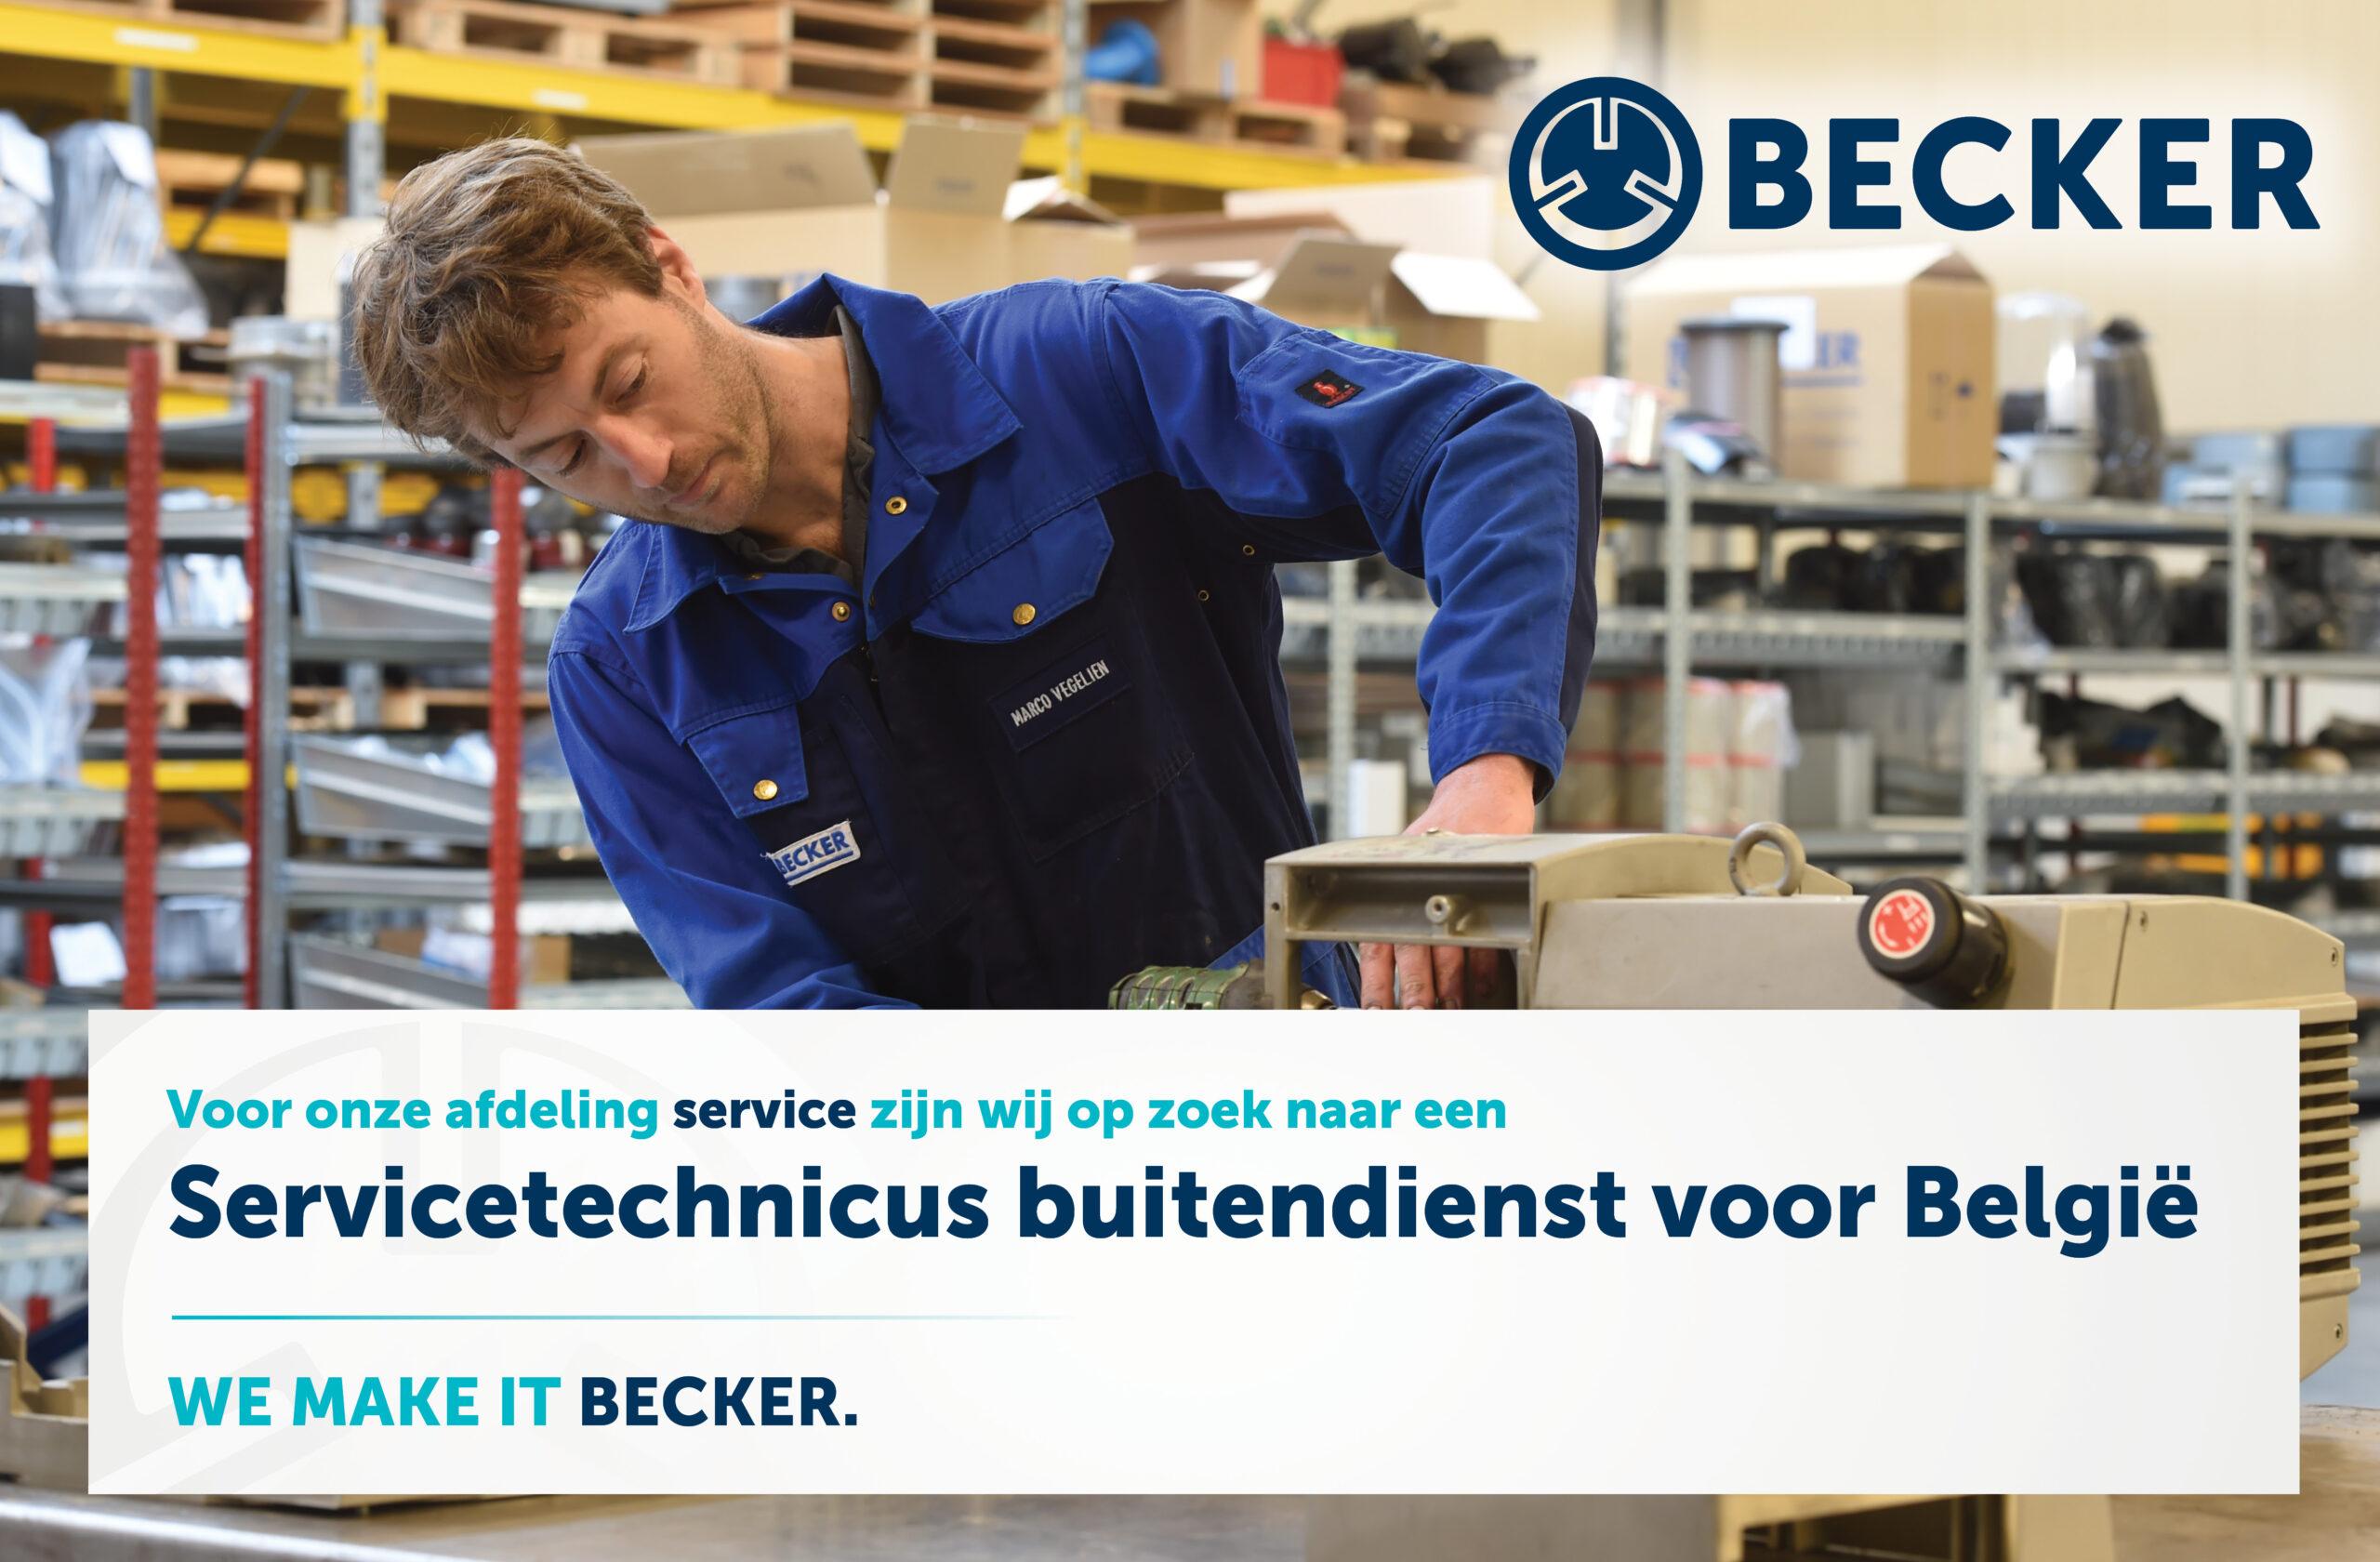 VACATURE: Servicetechnicus buitendienst voor België